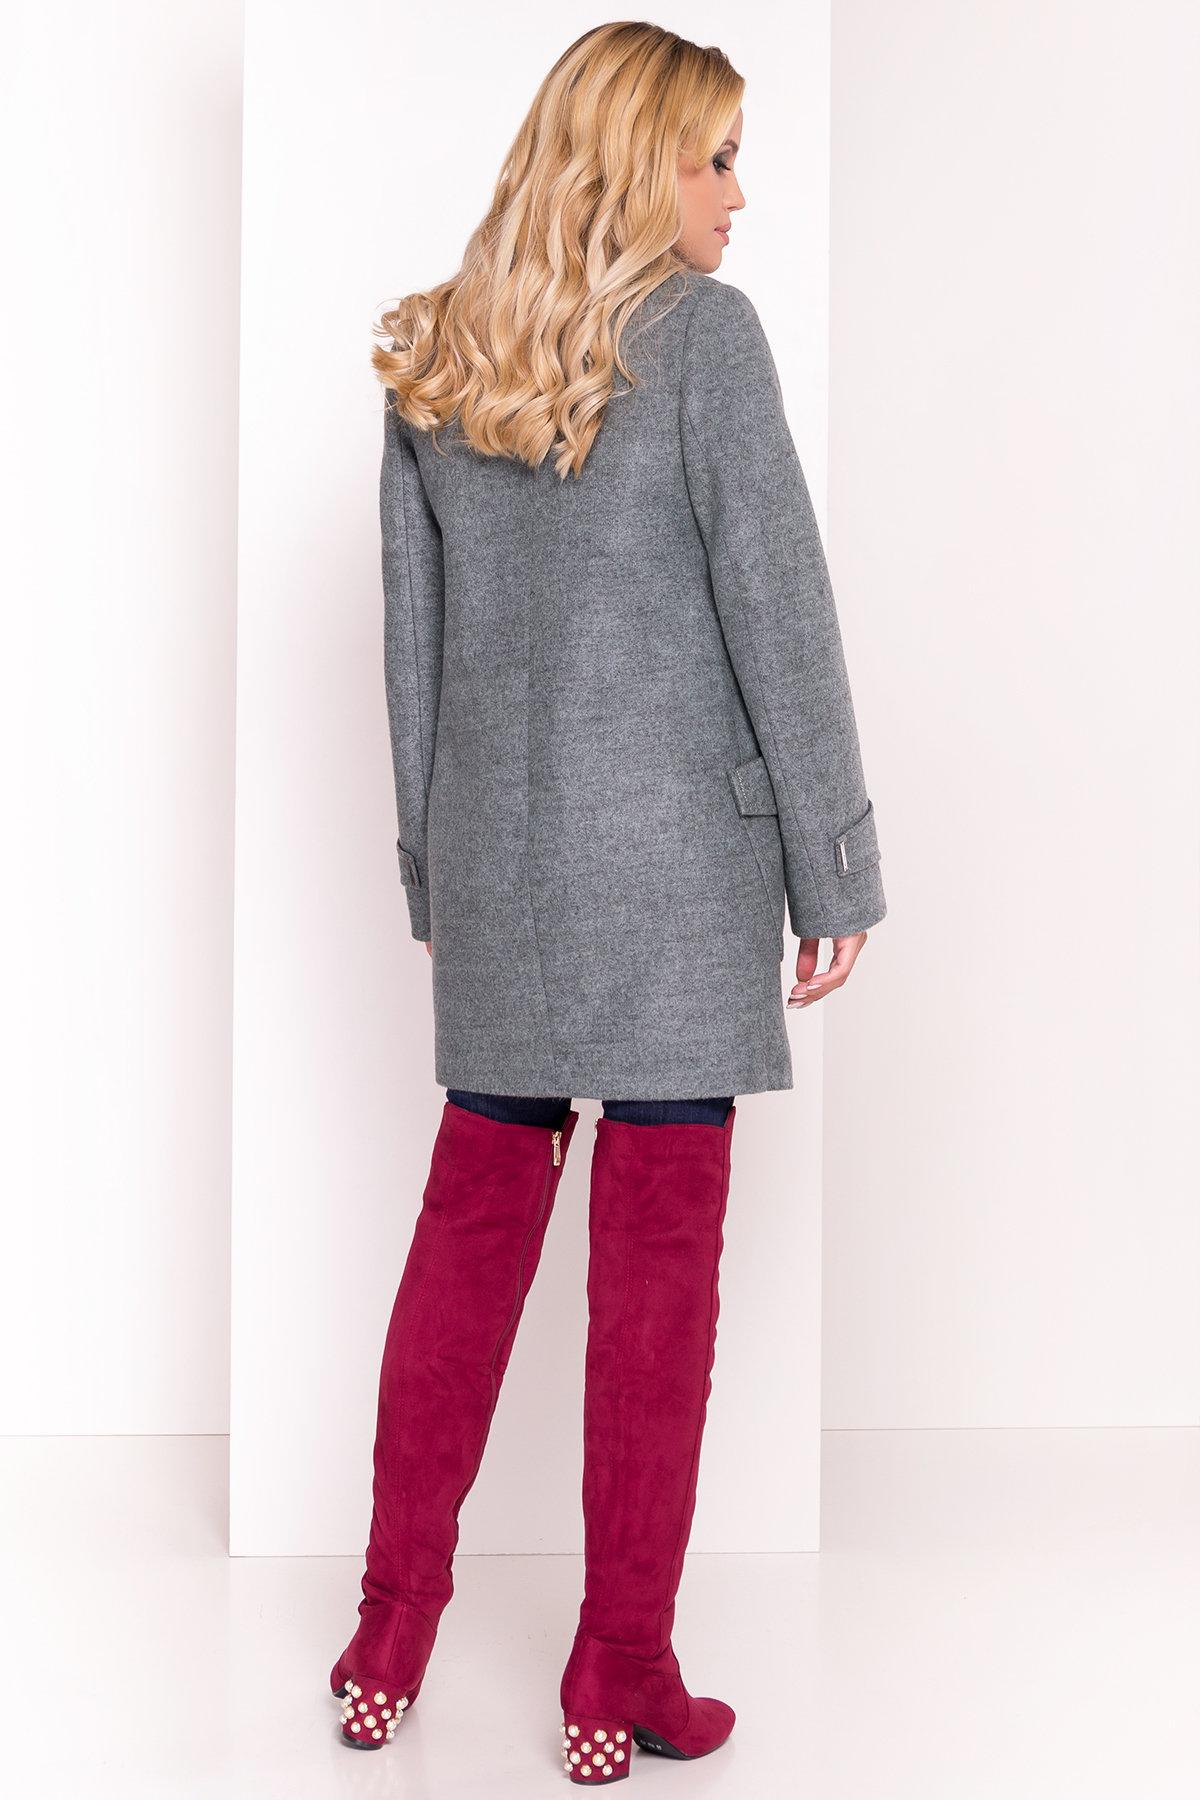 Демисезонное пальто с воротником стойка Эста 5417 АРТ. 36790 Цвет: Олива - фото 4, интернет магазин tm-modus.ru